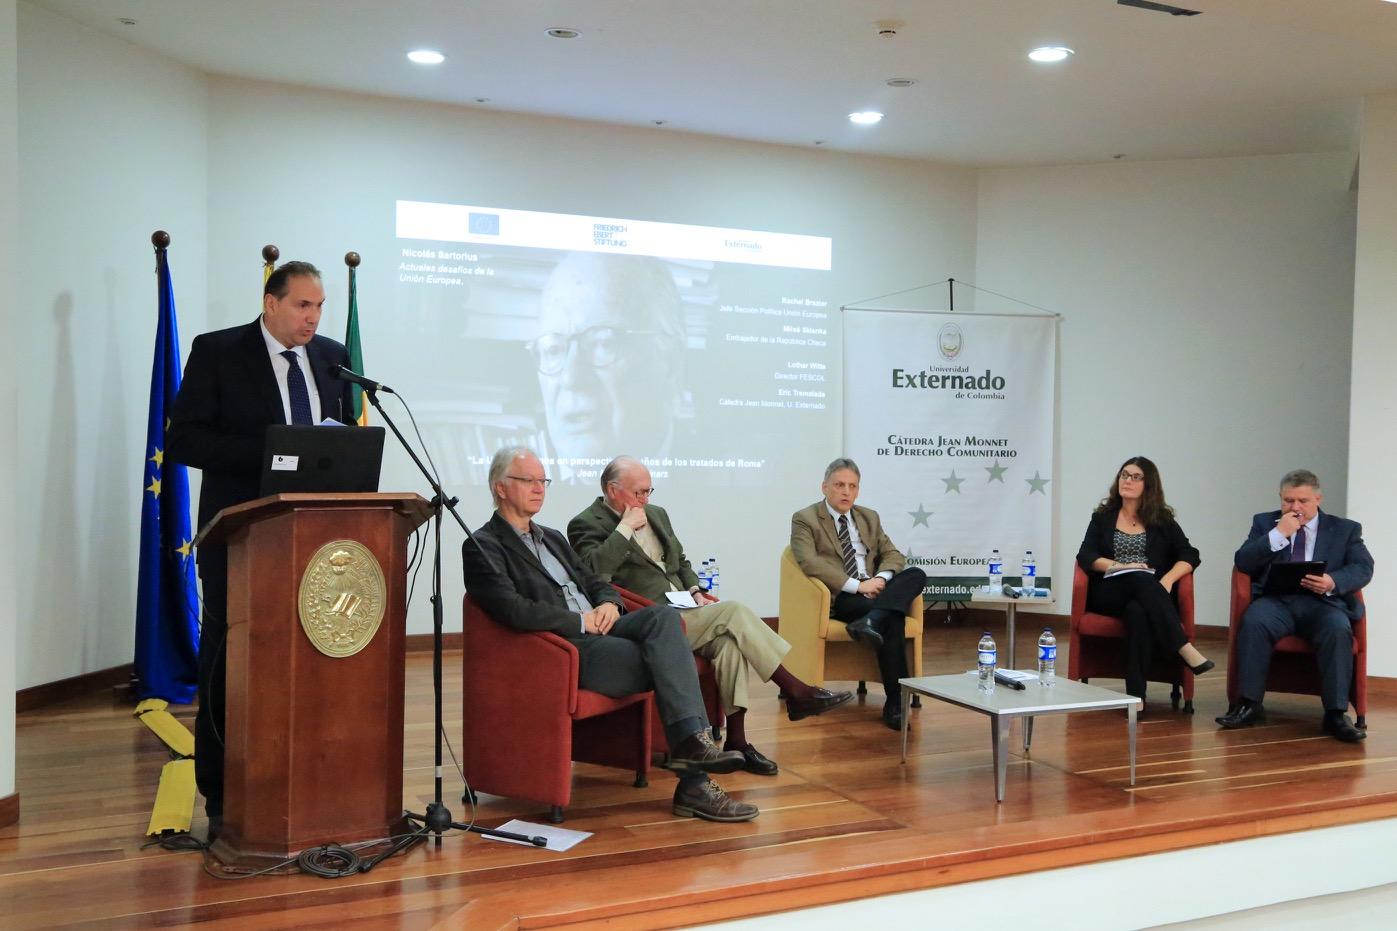 Con la participación de reconocidos panelistas internacionales, se discutió sobre la actual situación de la Unión Europea.